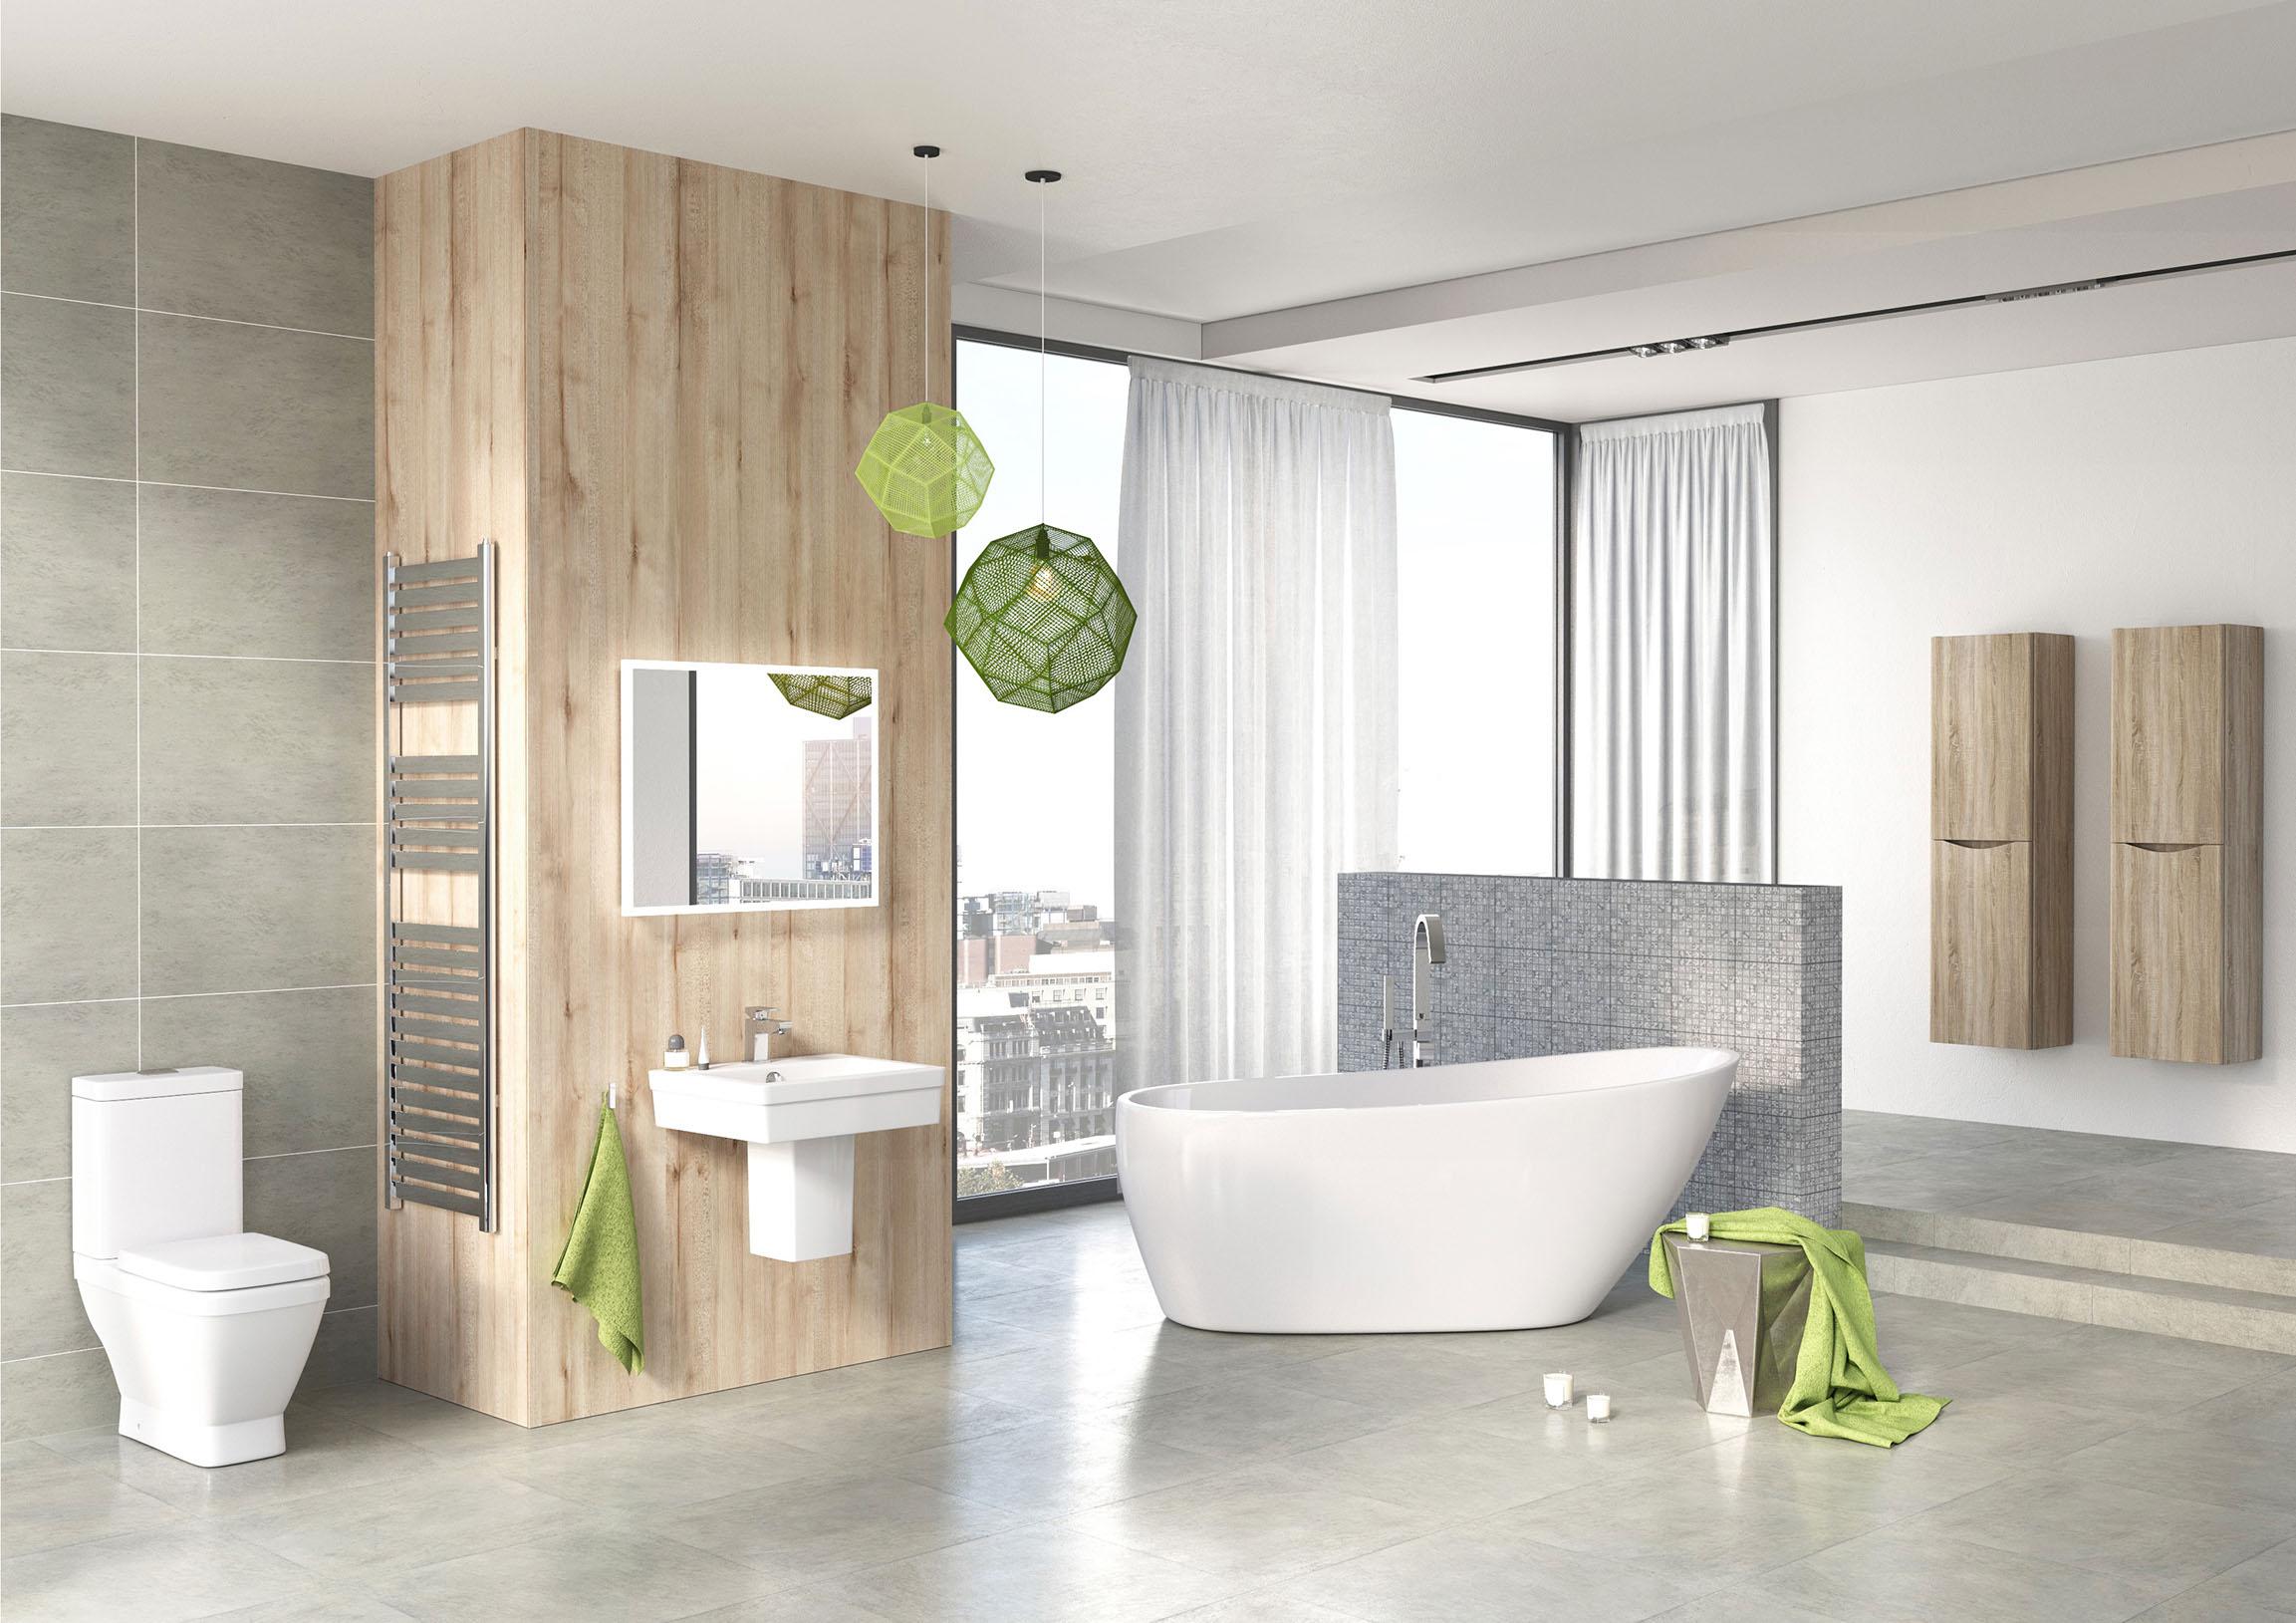 Waterworks Bathrooms - Just Add Water!